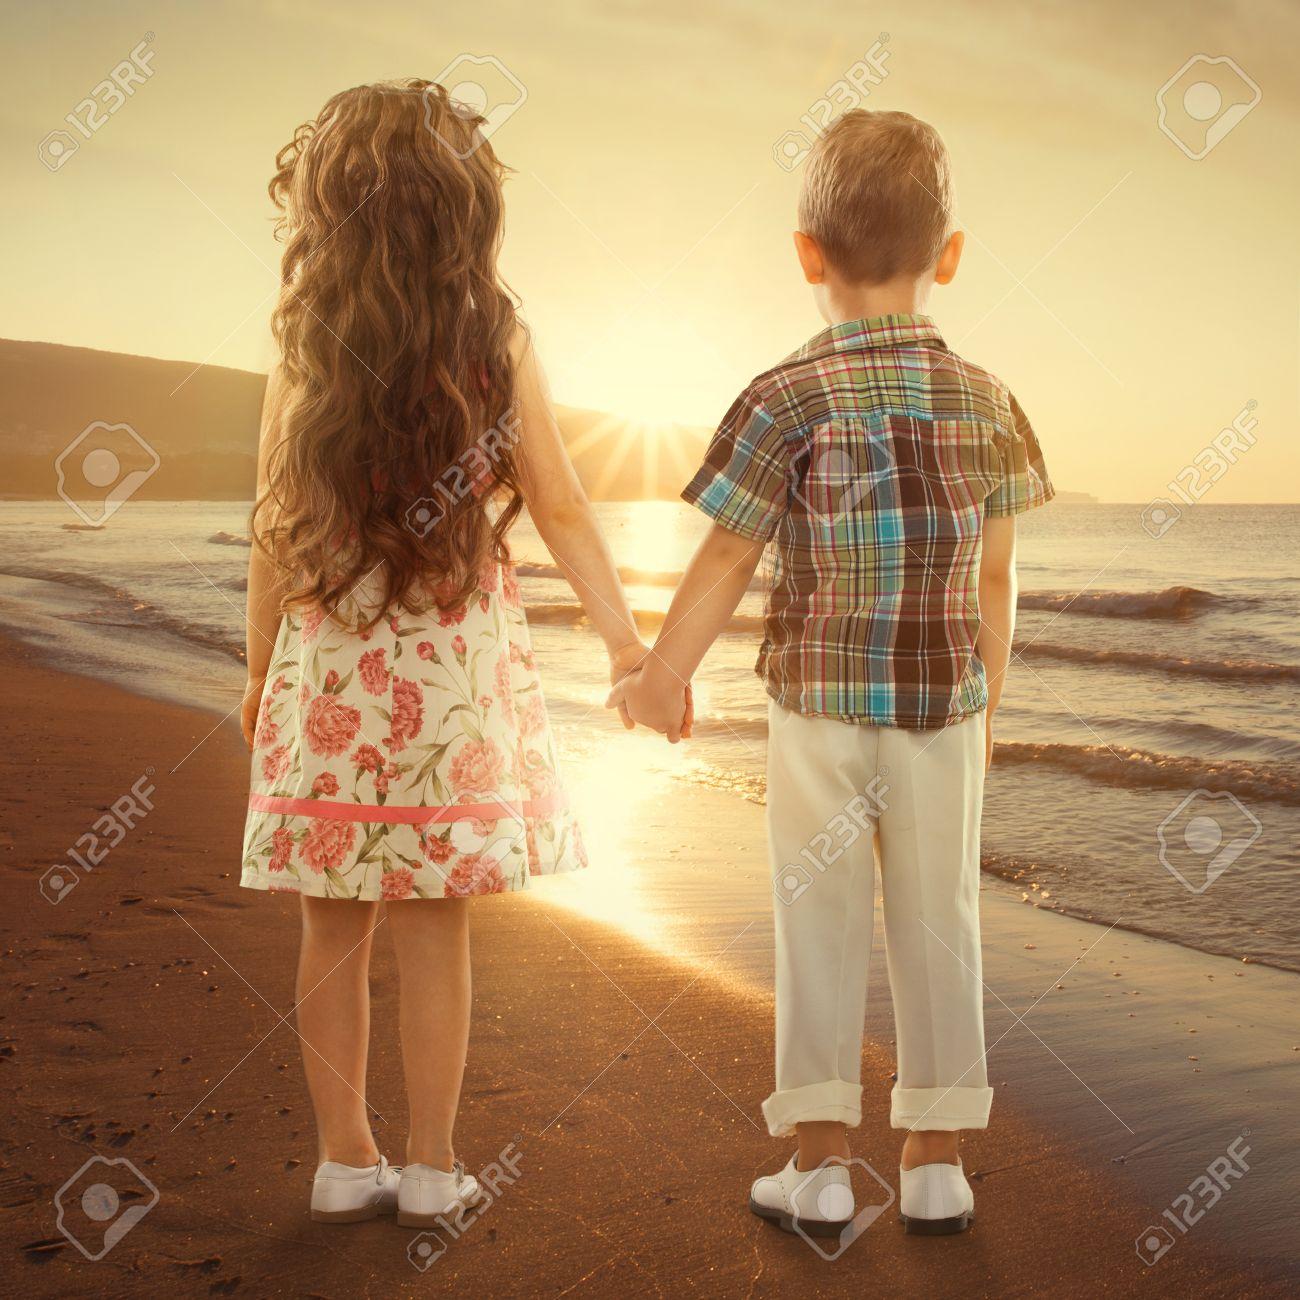 Секс маленькой девочки с маленьким мальчиком фото 15 фотография